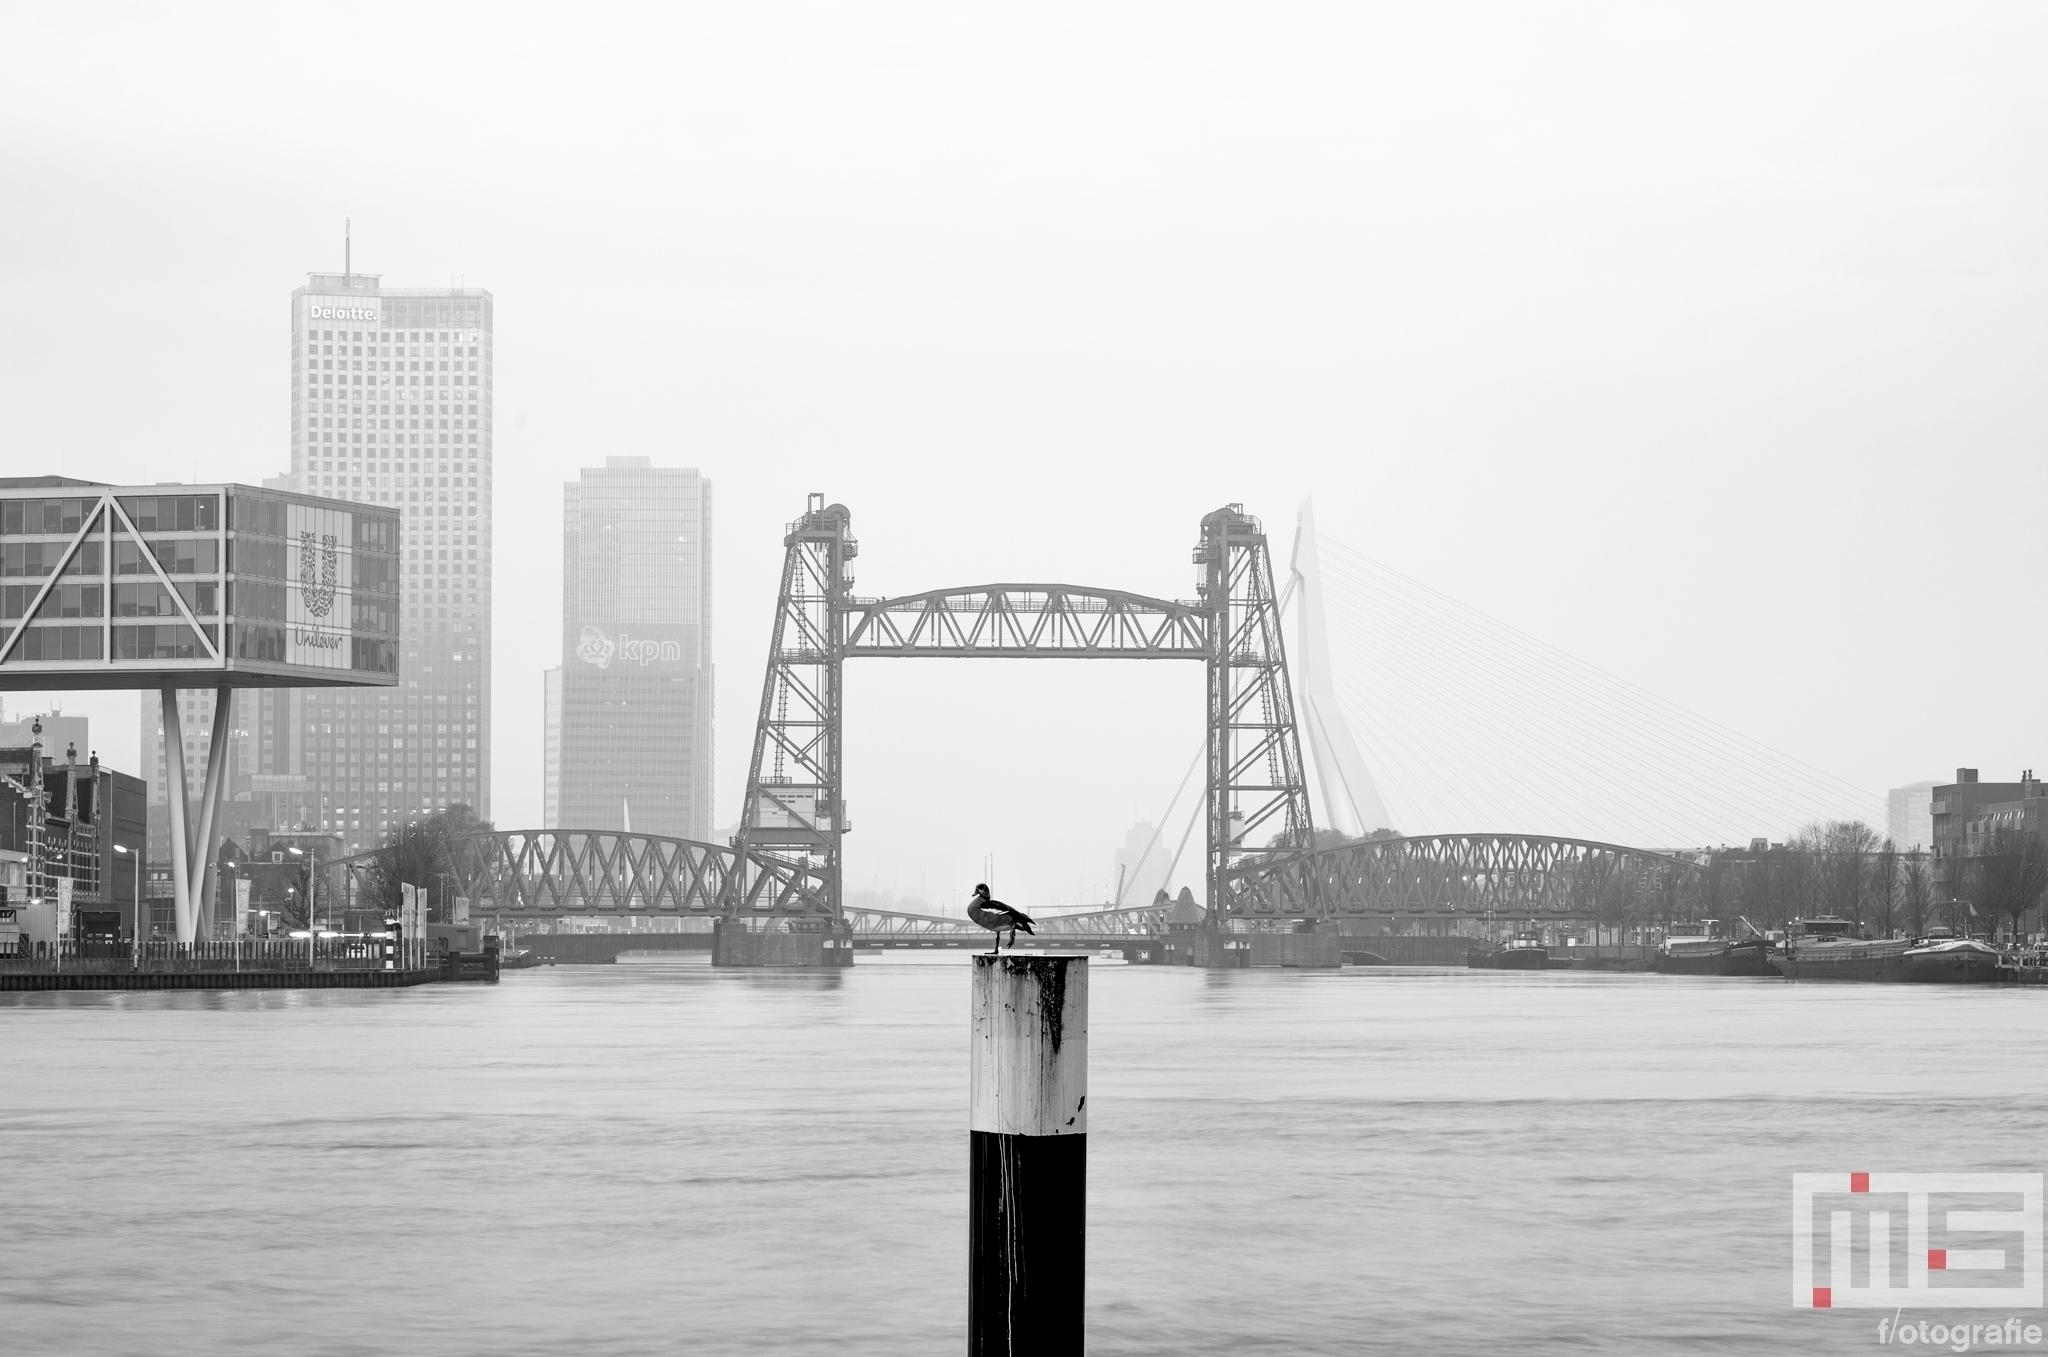 Te Koop | De Hef en het Noordereiland in Rotterdam in zwart/wit